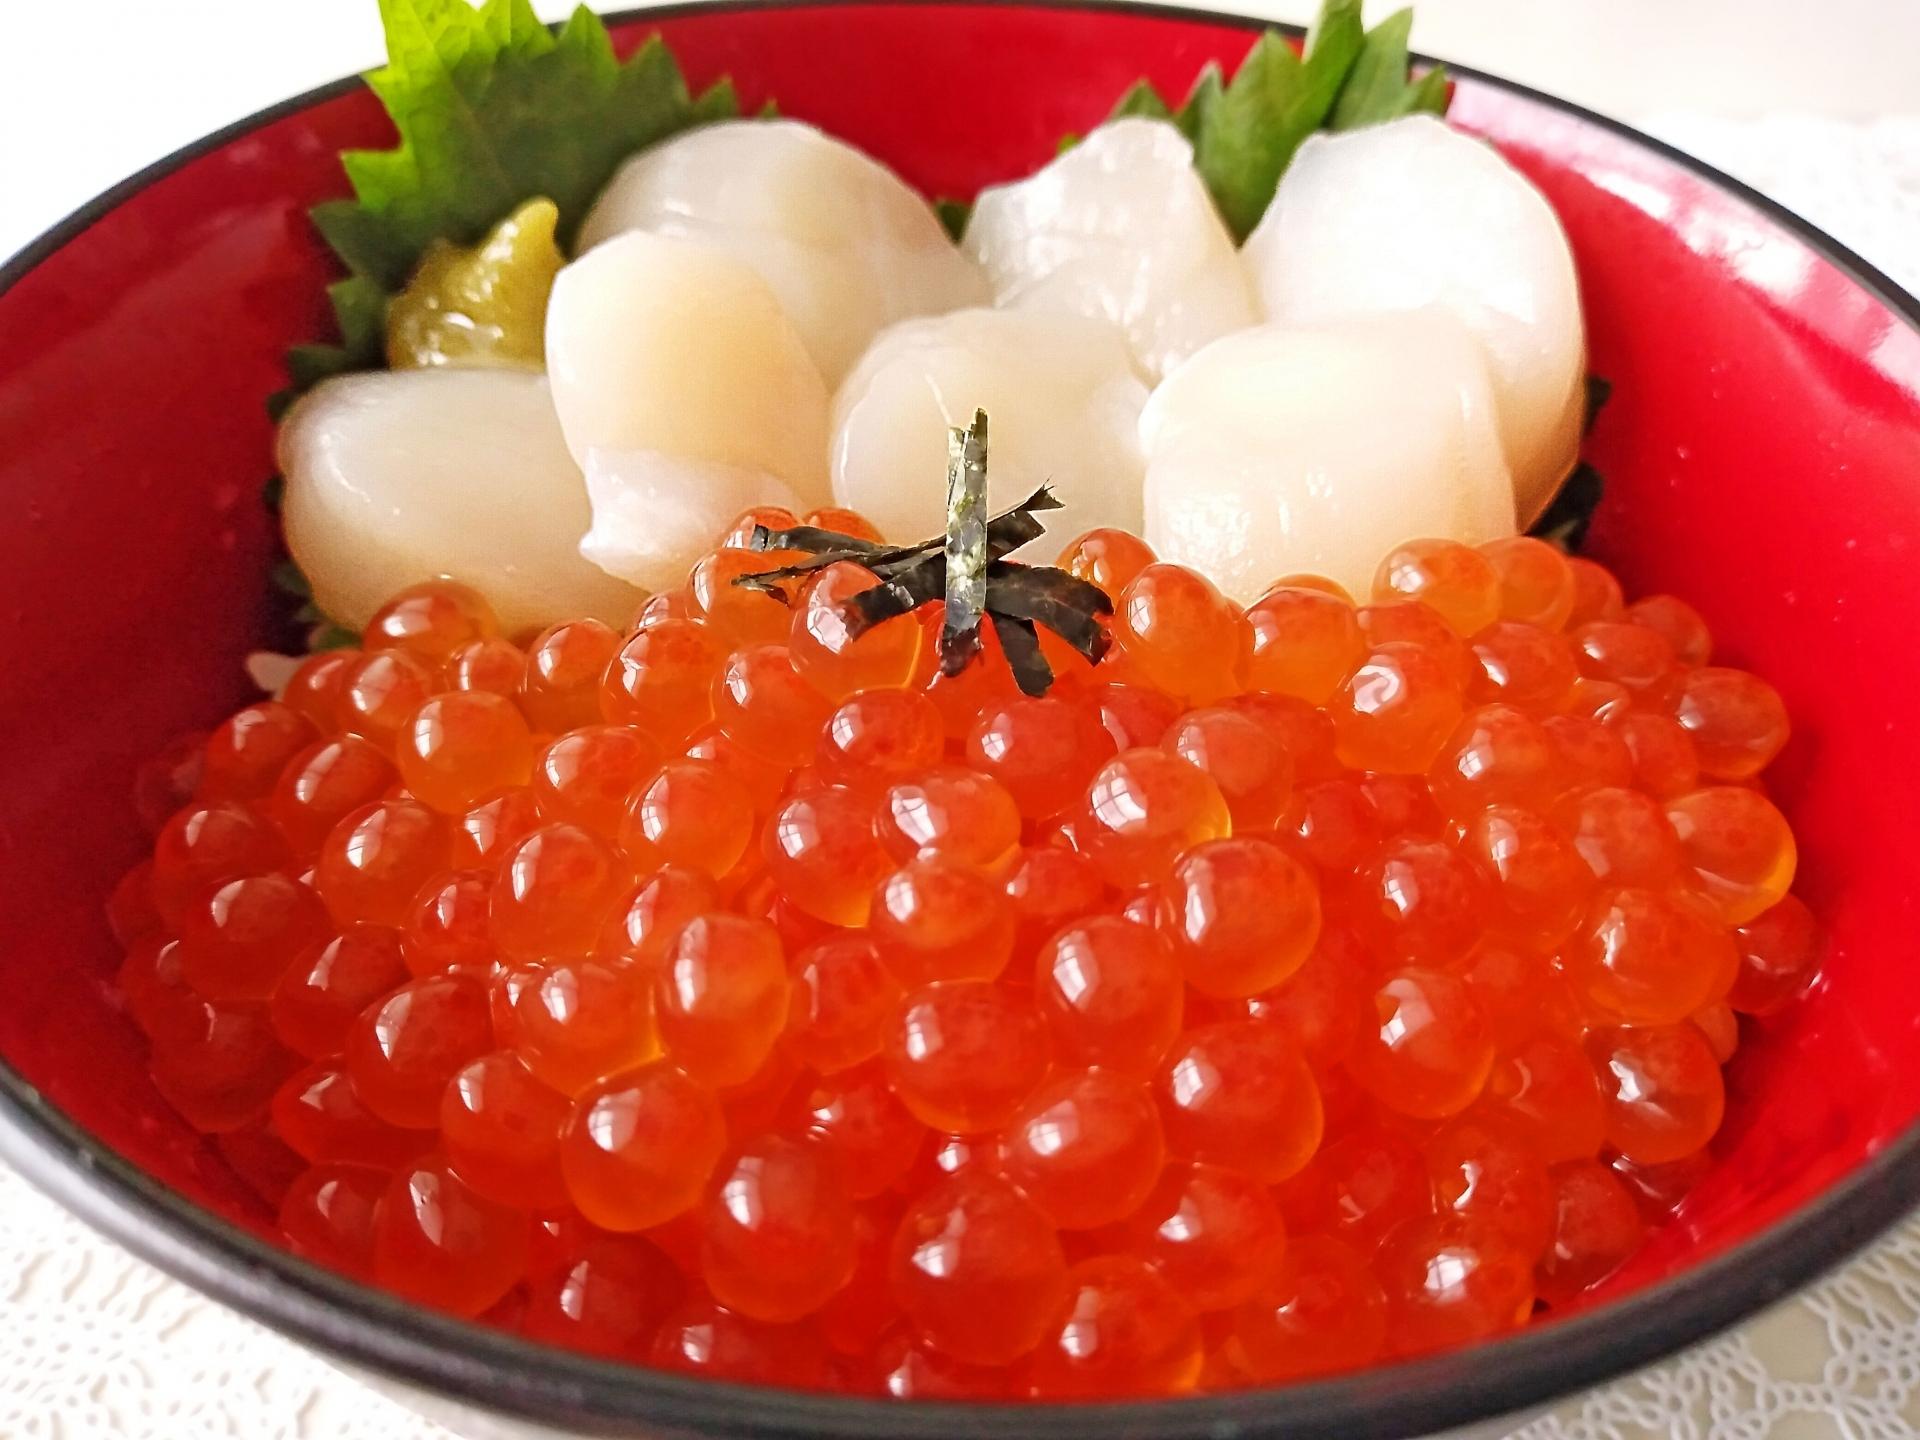 (0107)冷凍 いくら醤油漬け 250g【漁師のレシピ再現!無添加・国産・新物・初入荷!】